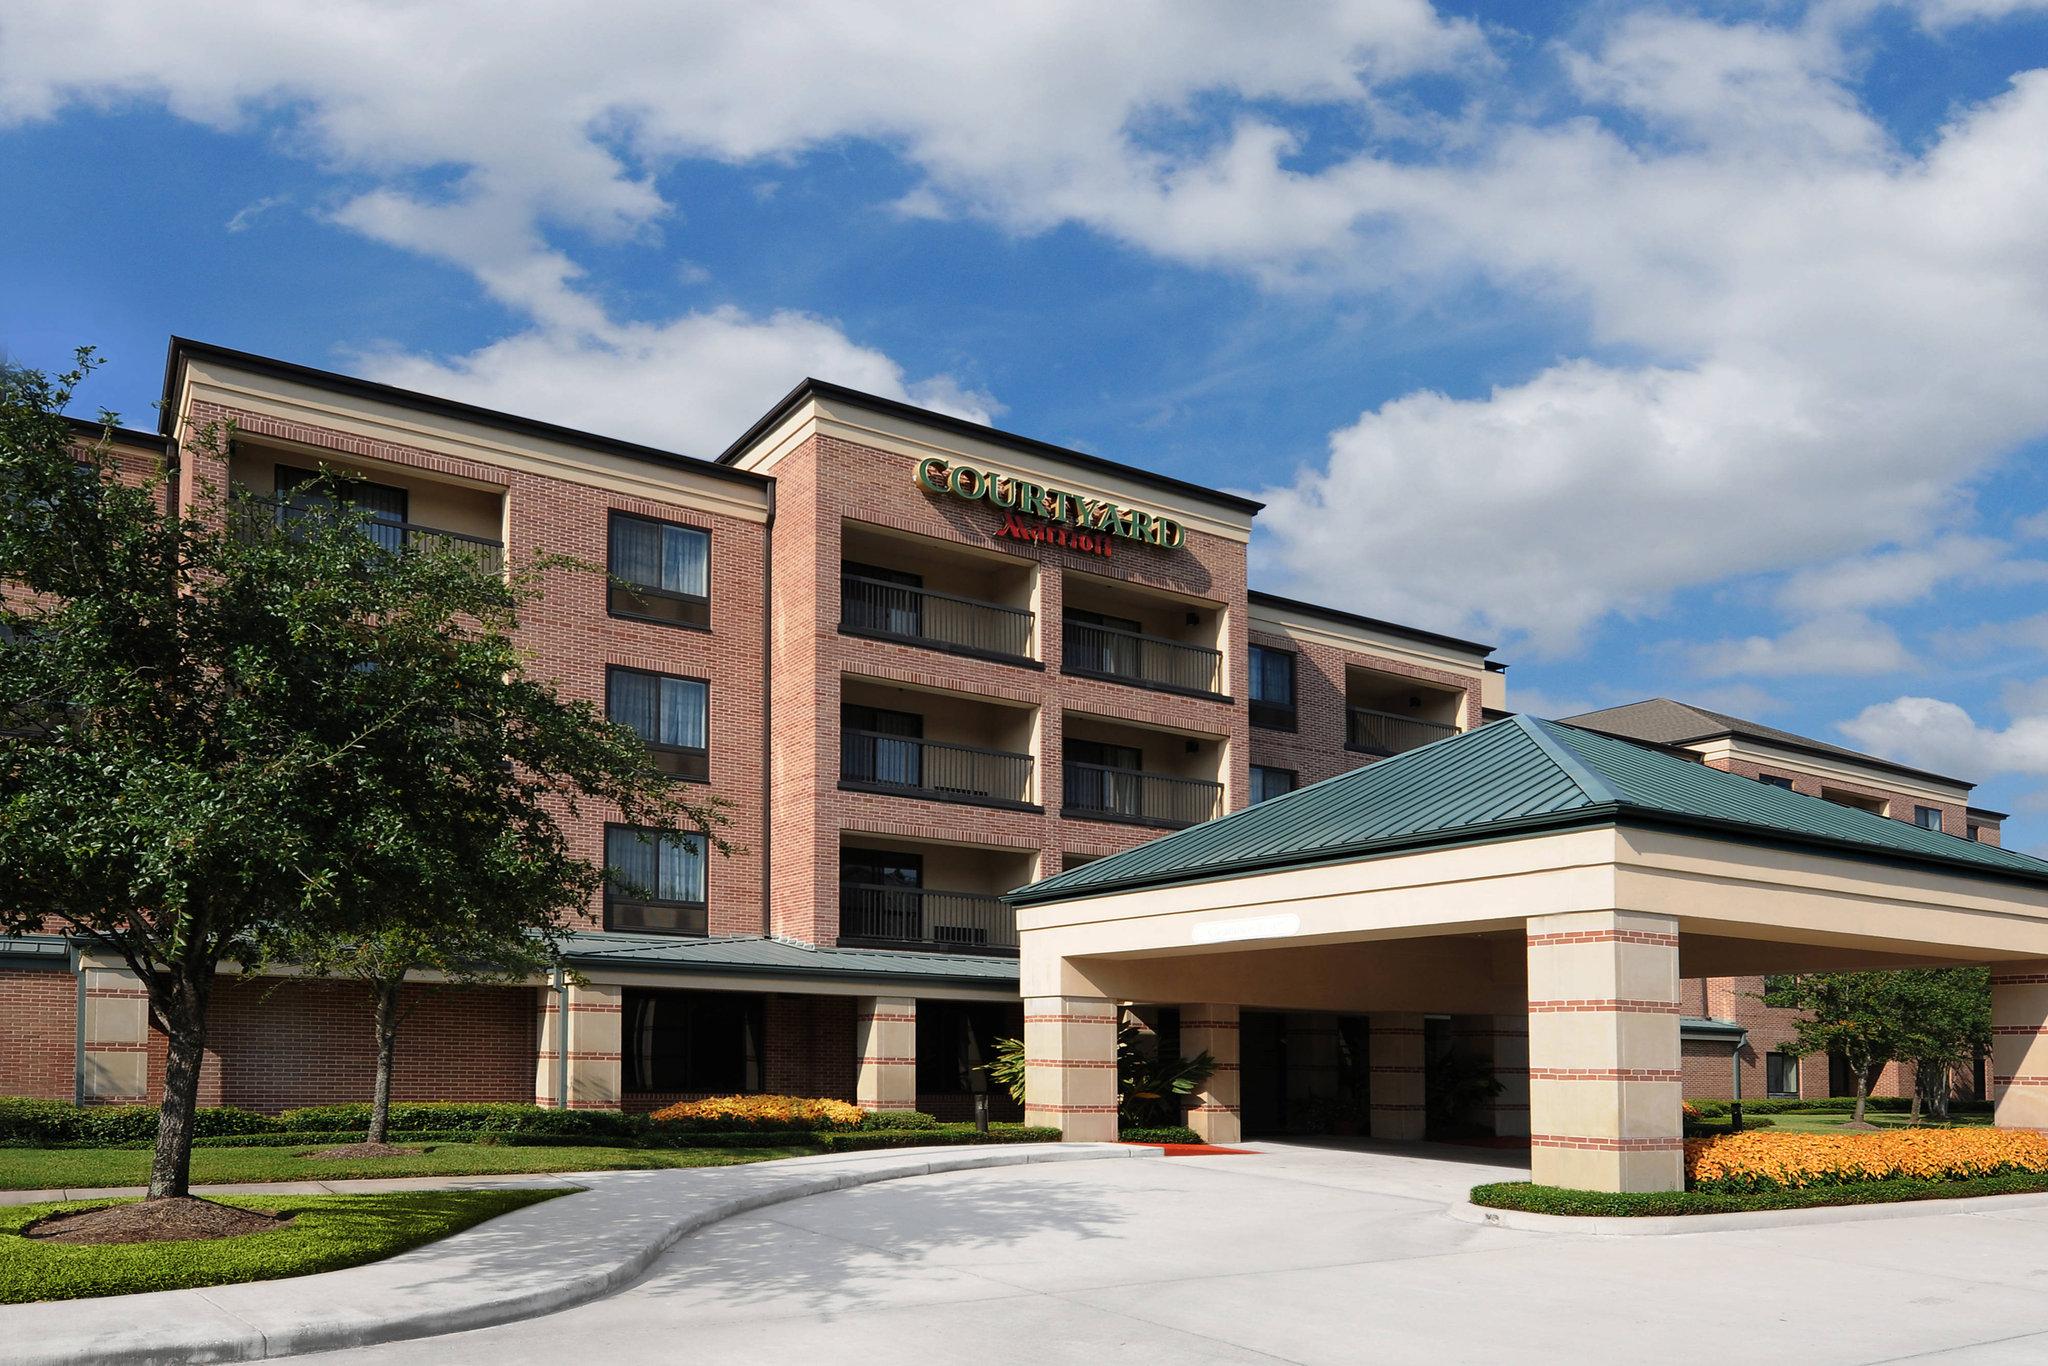 Courtyard by Marriott Houston Northwest